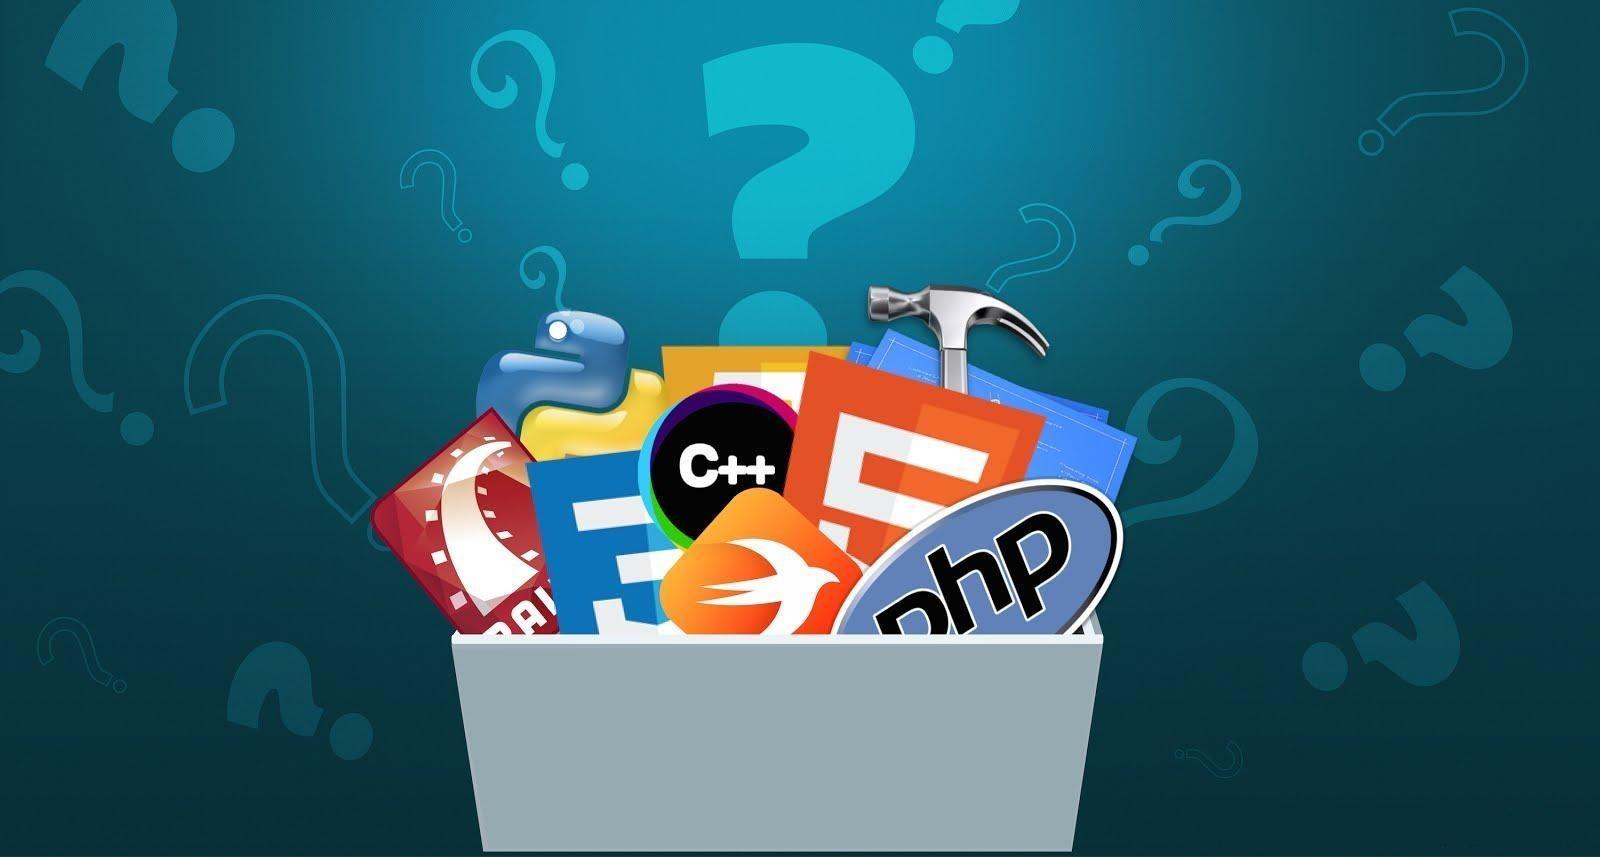 小依赖告诉你一条PHP学习的线路。